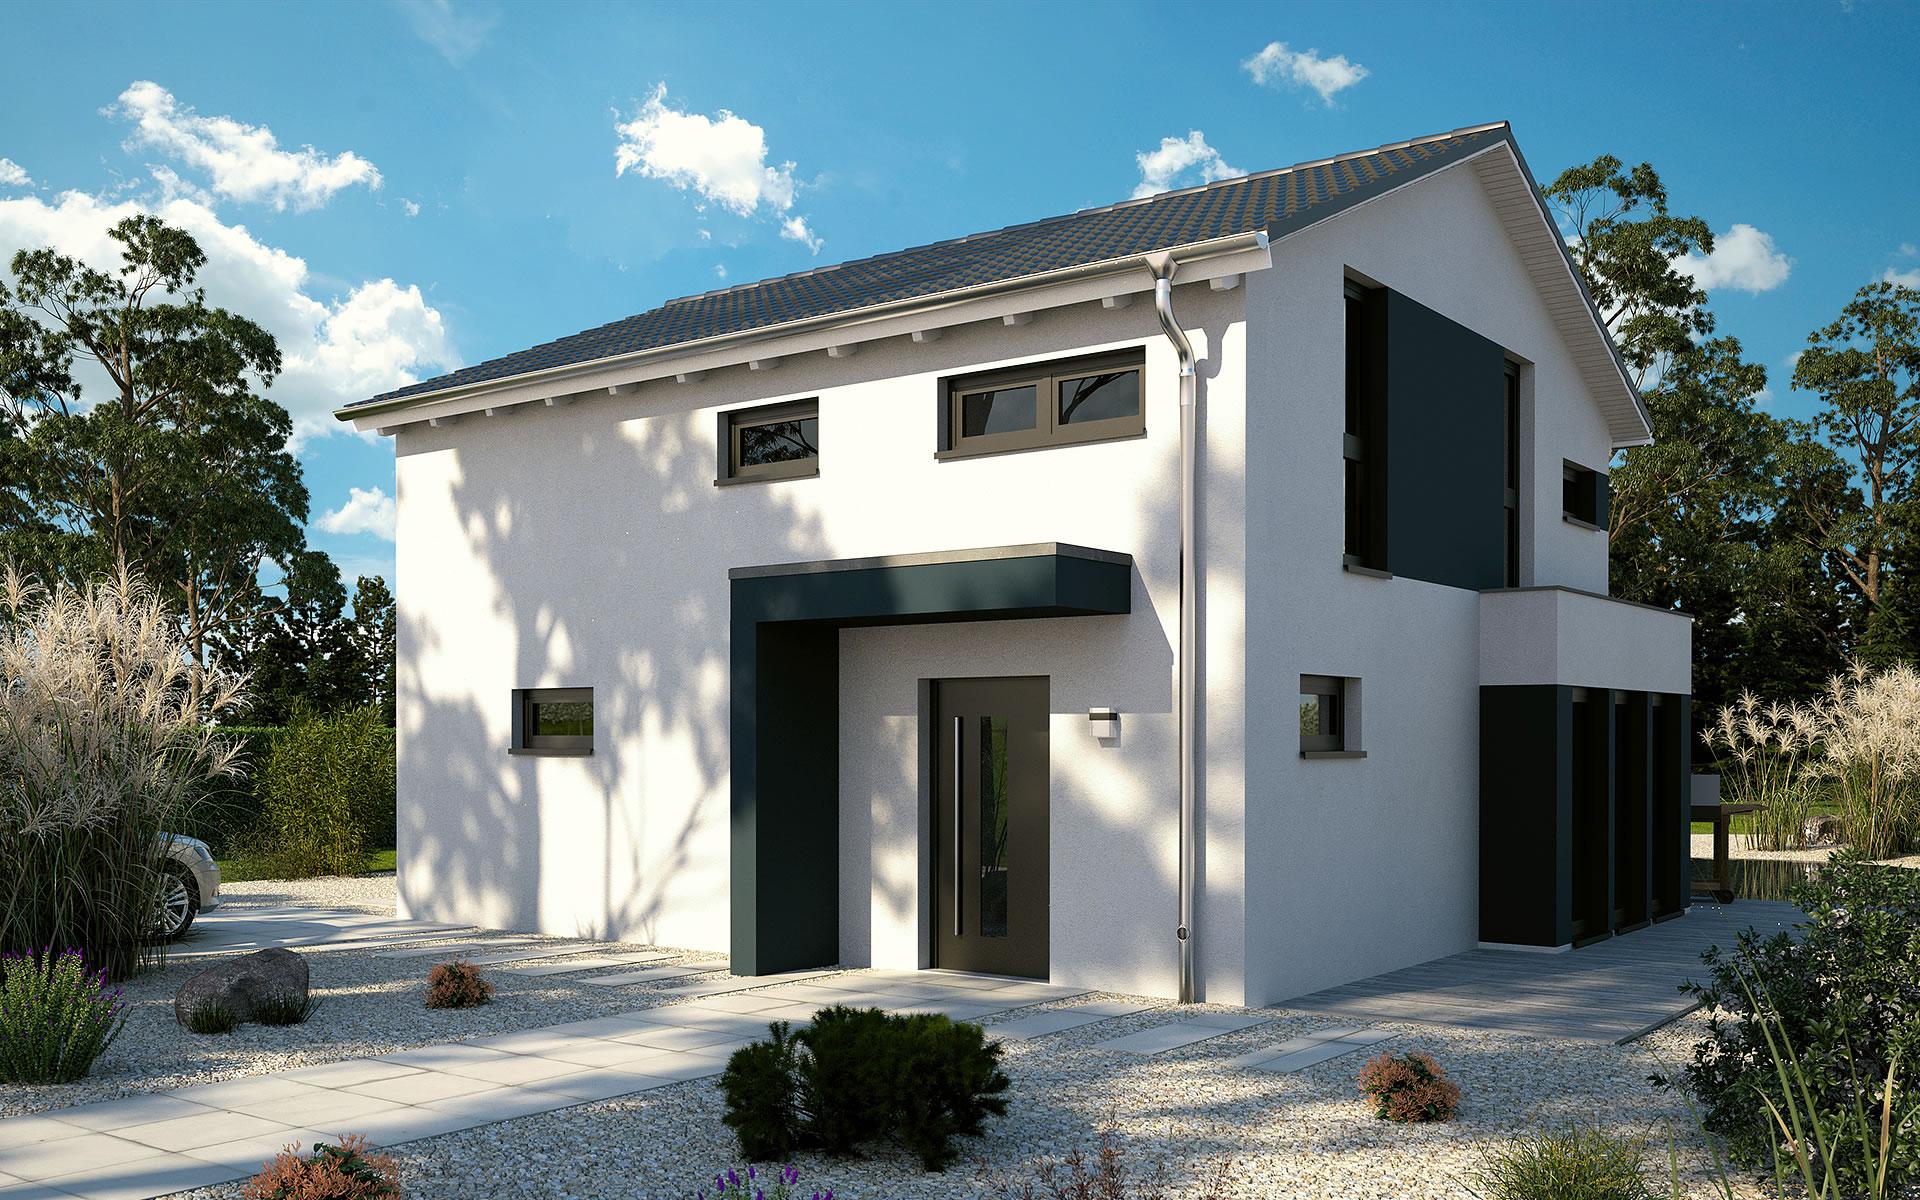 Esprit 117 von Bärenhaus - das fertige Haus GmbH